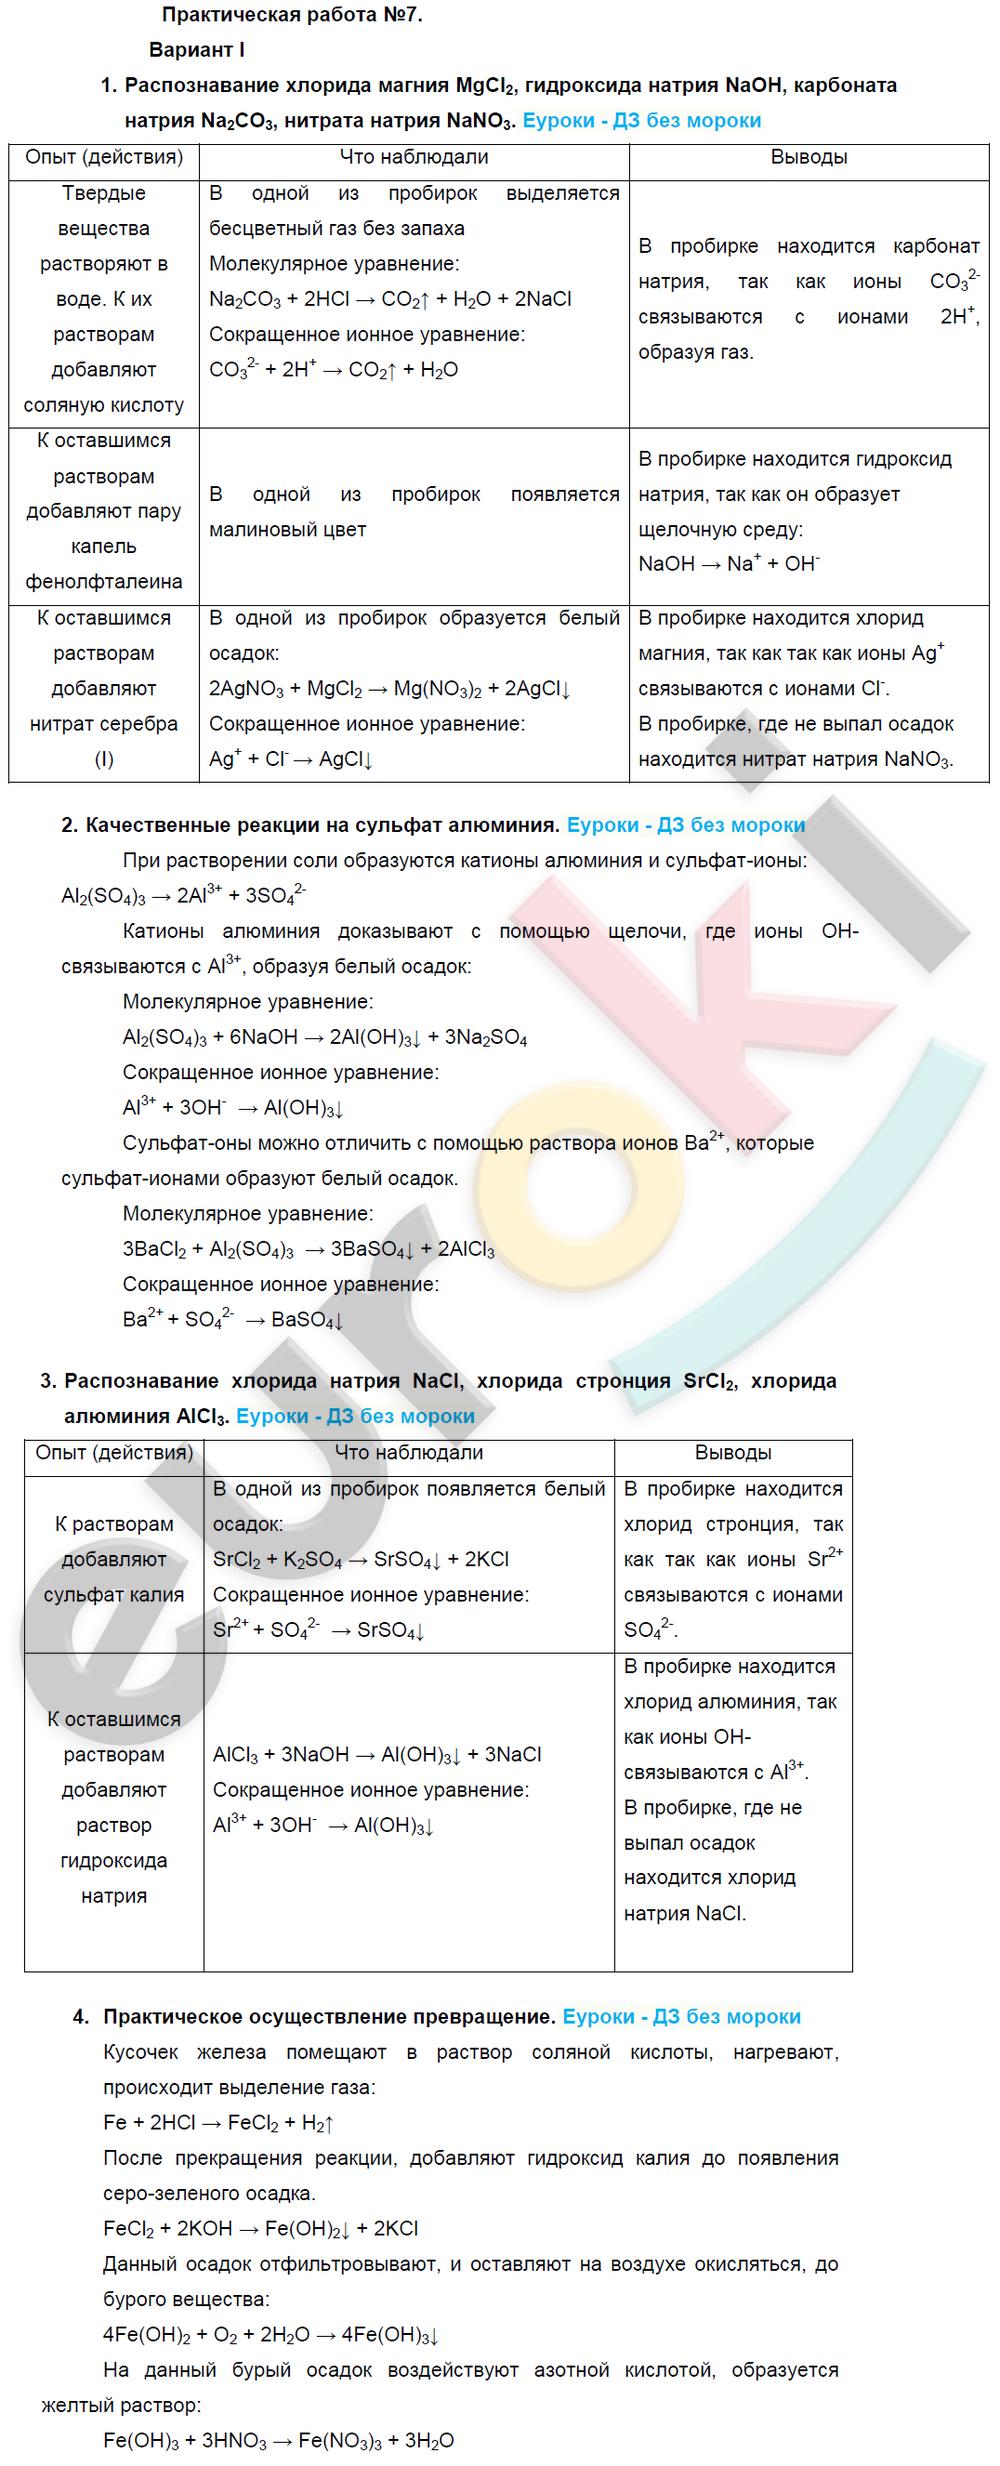 ГДЗ по химии 9 класс Рудзитис, Фельдман Новое издание. ФГОС, §50. Практическая работа №7. Задание: Вариант 1